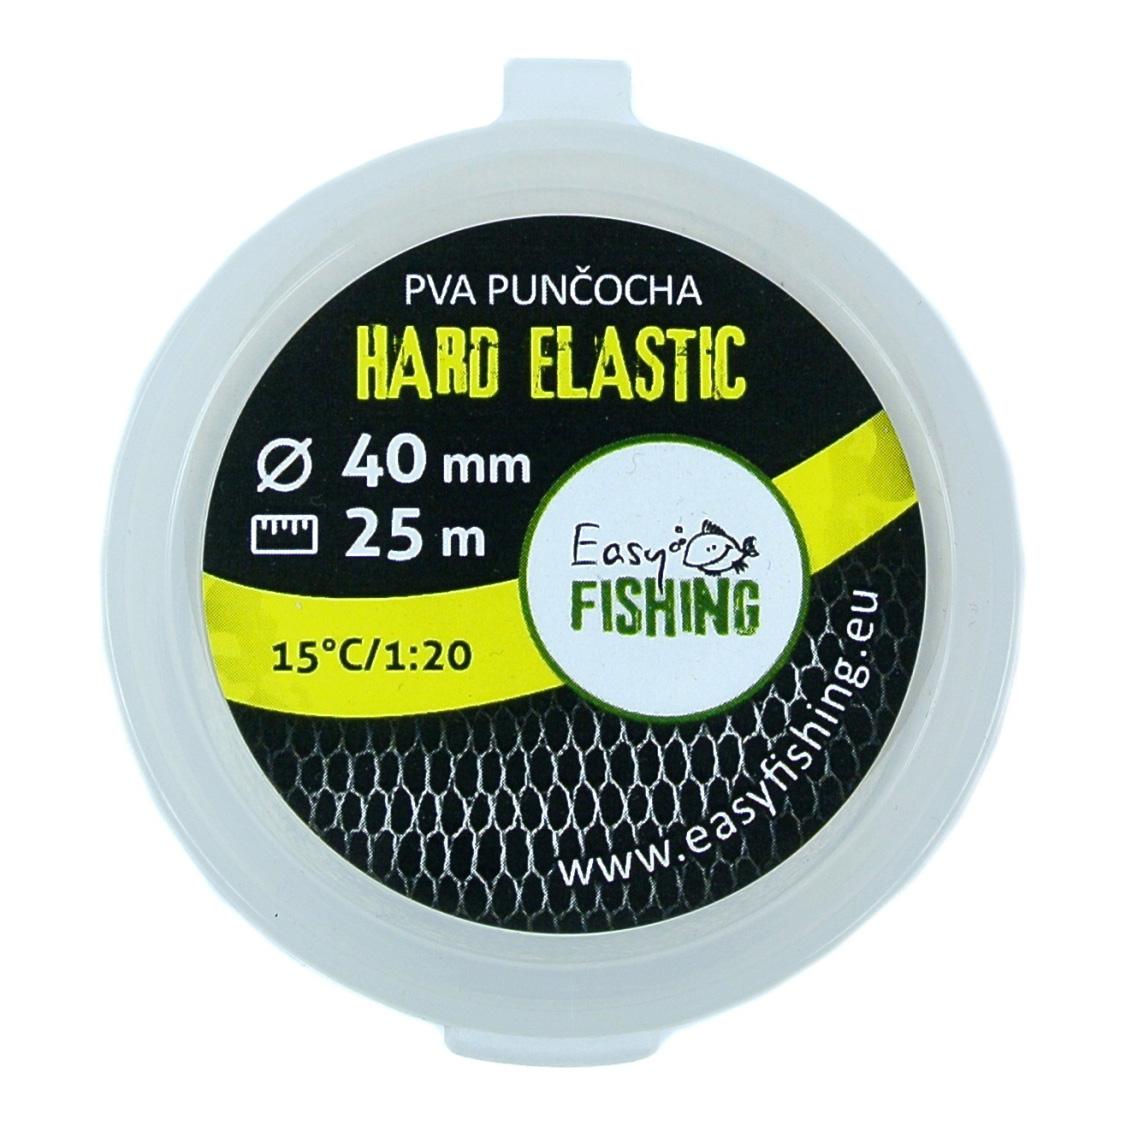 EasyFISHING 25m náhradní - PVA punčocha ELASTIC HARD 40mm